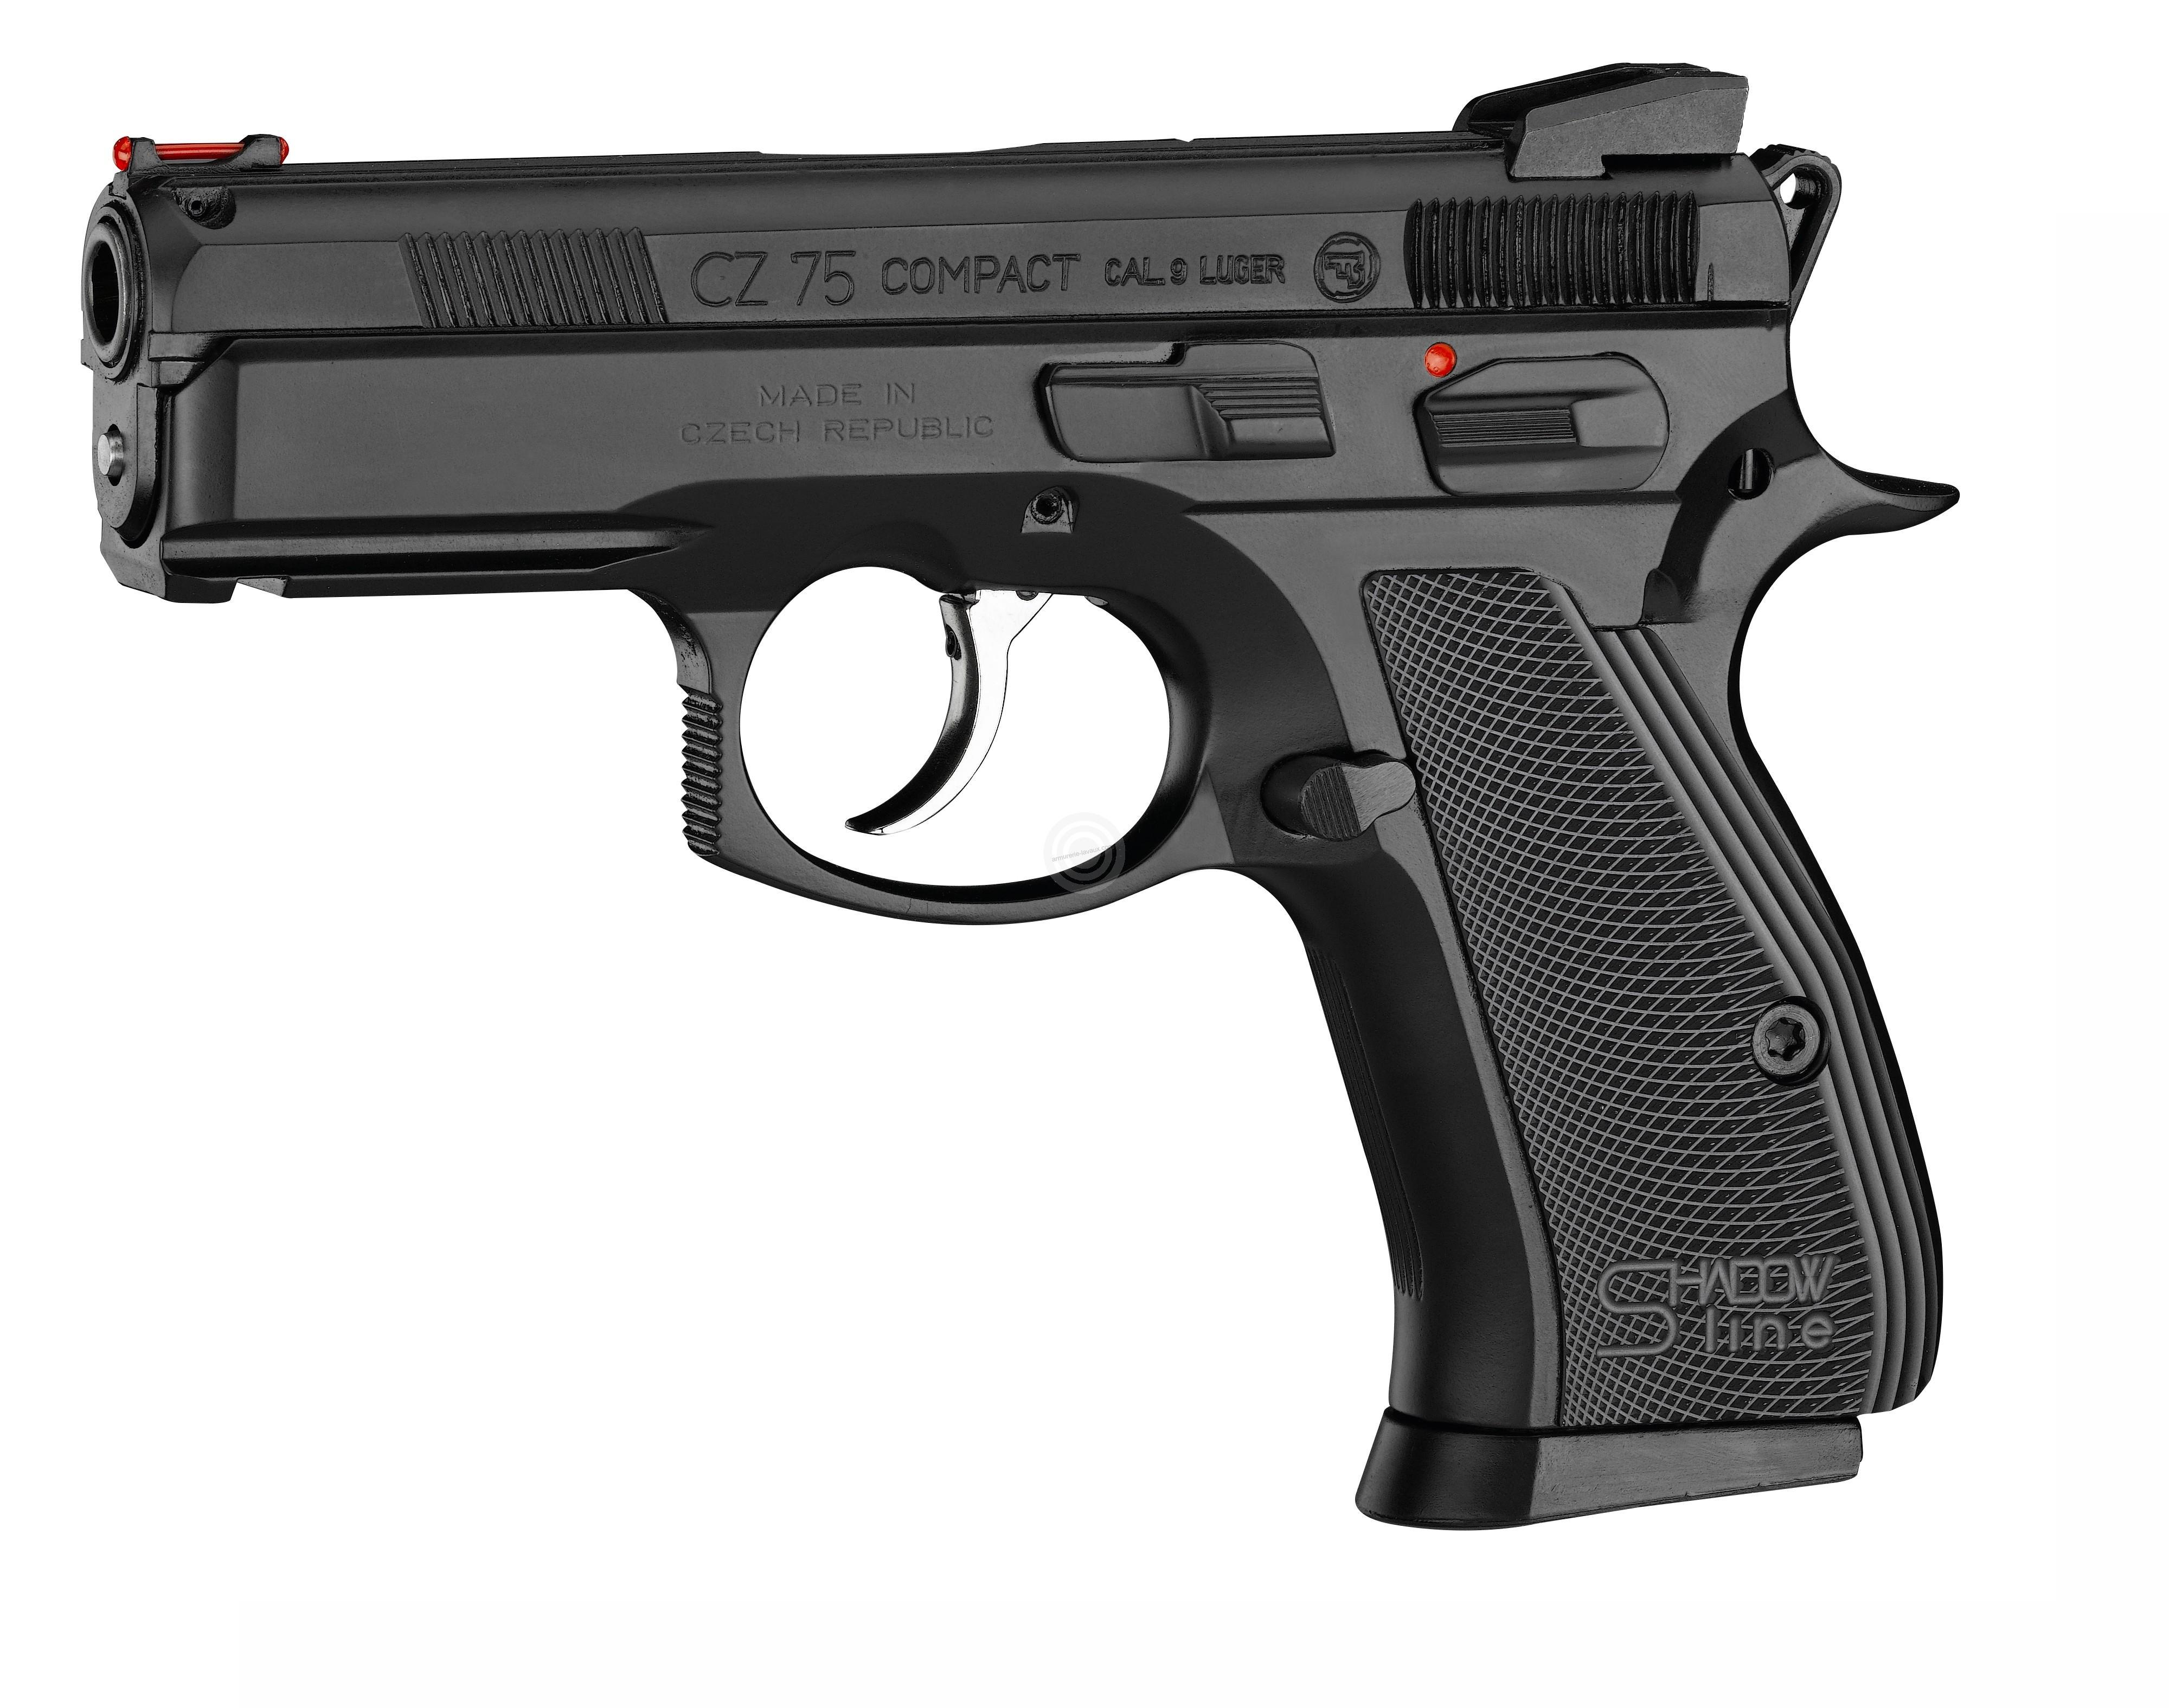 Pistolet CZ 75 Compact Shadow Line calibre 9x19